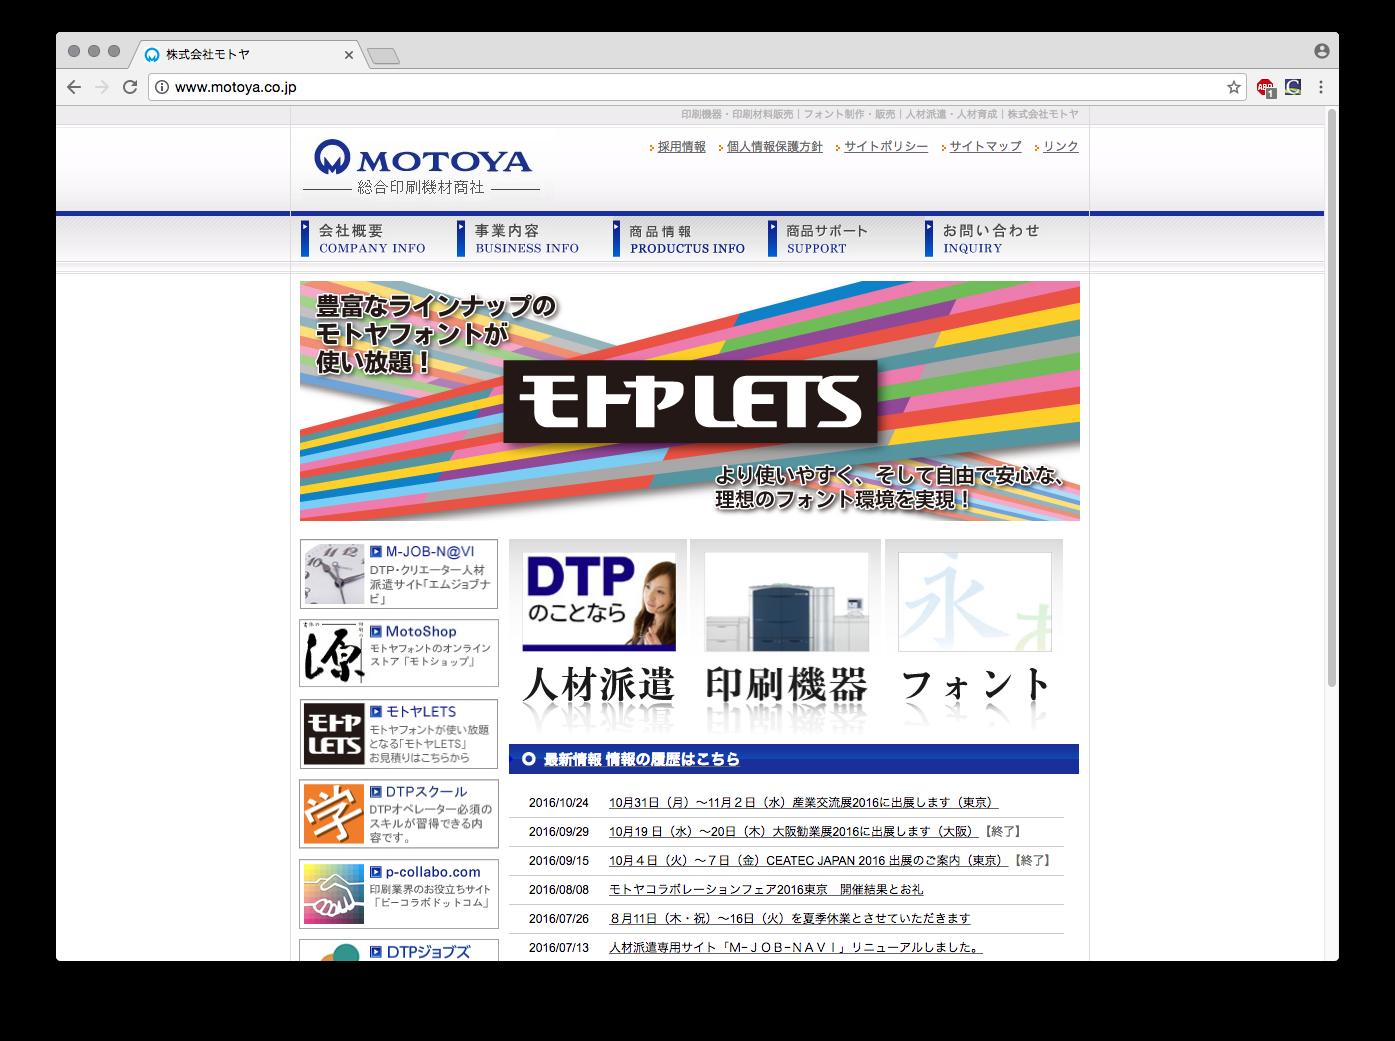 http://www.motoya.co.jp